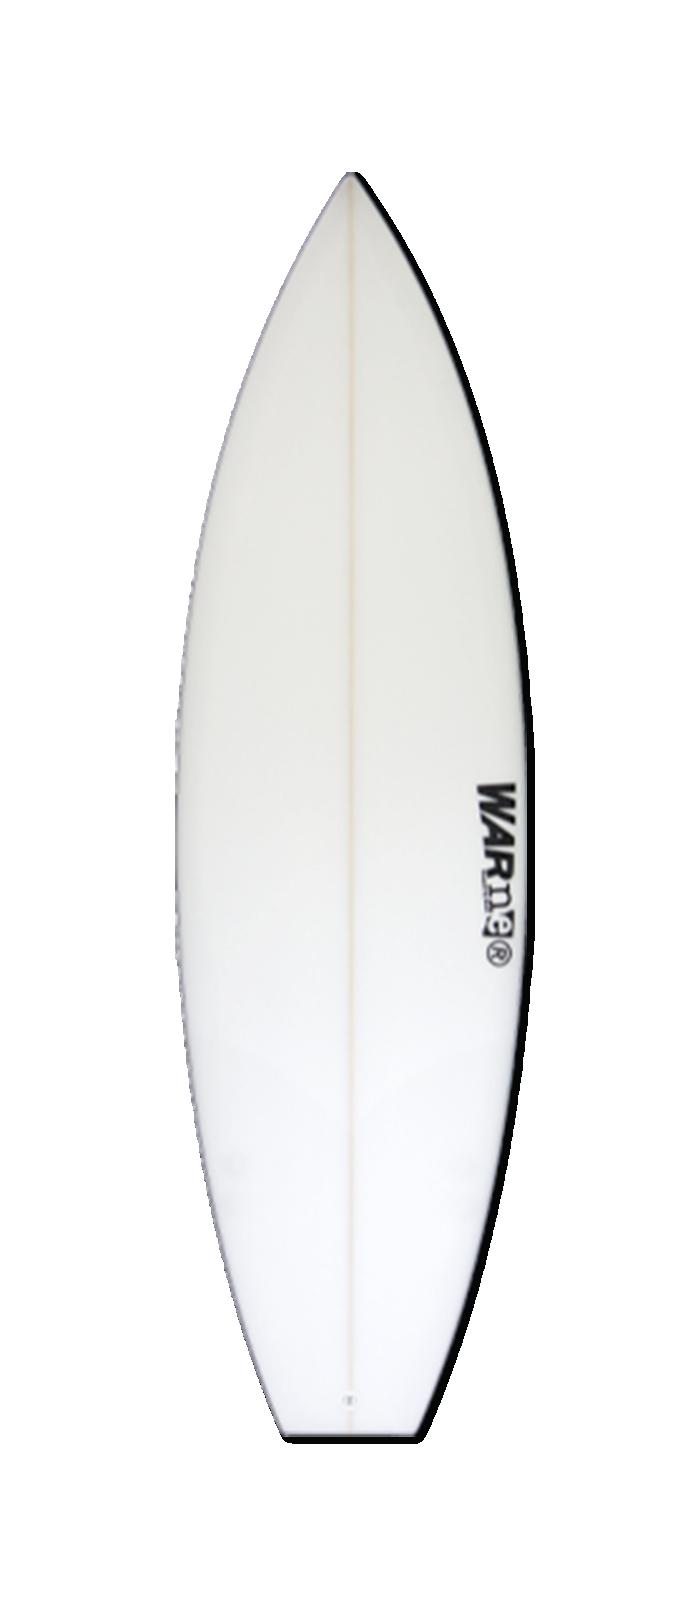 EVIL TWIN surfboard model bottom